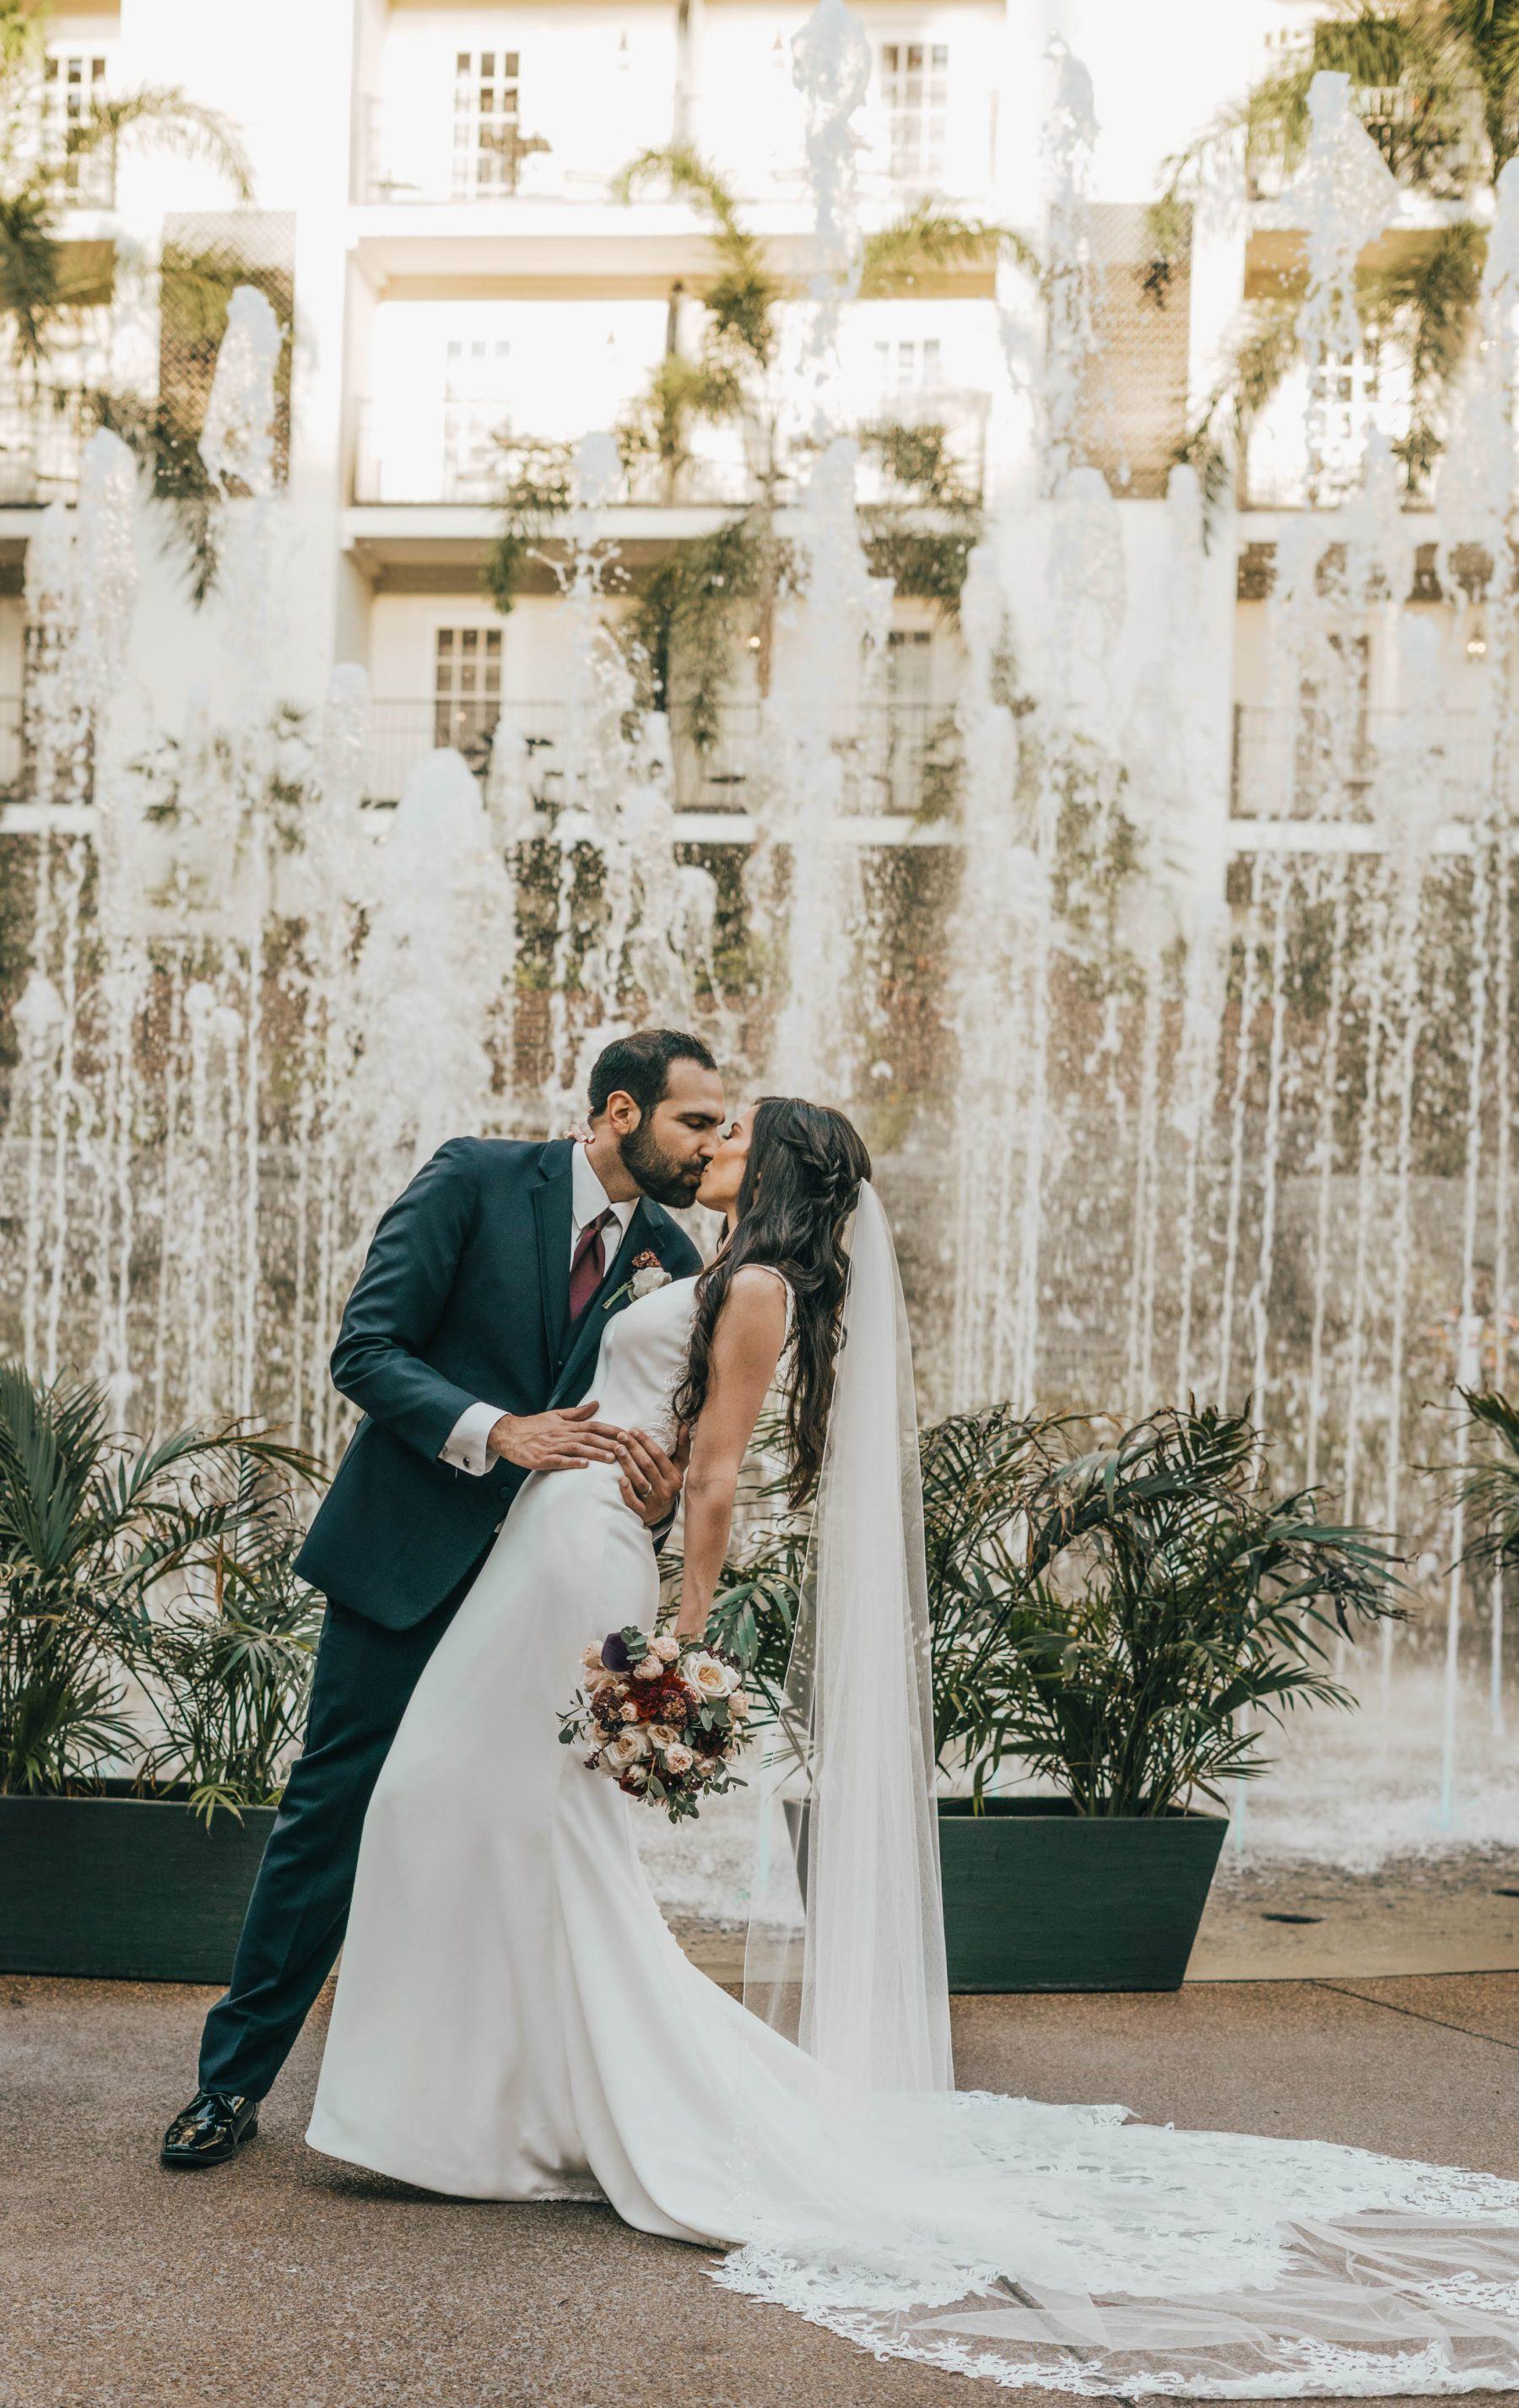 Opryland Wedding Portrait featured on Nashville Bride Guide